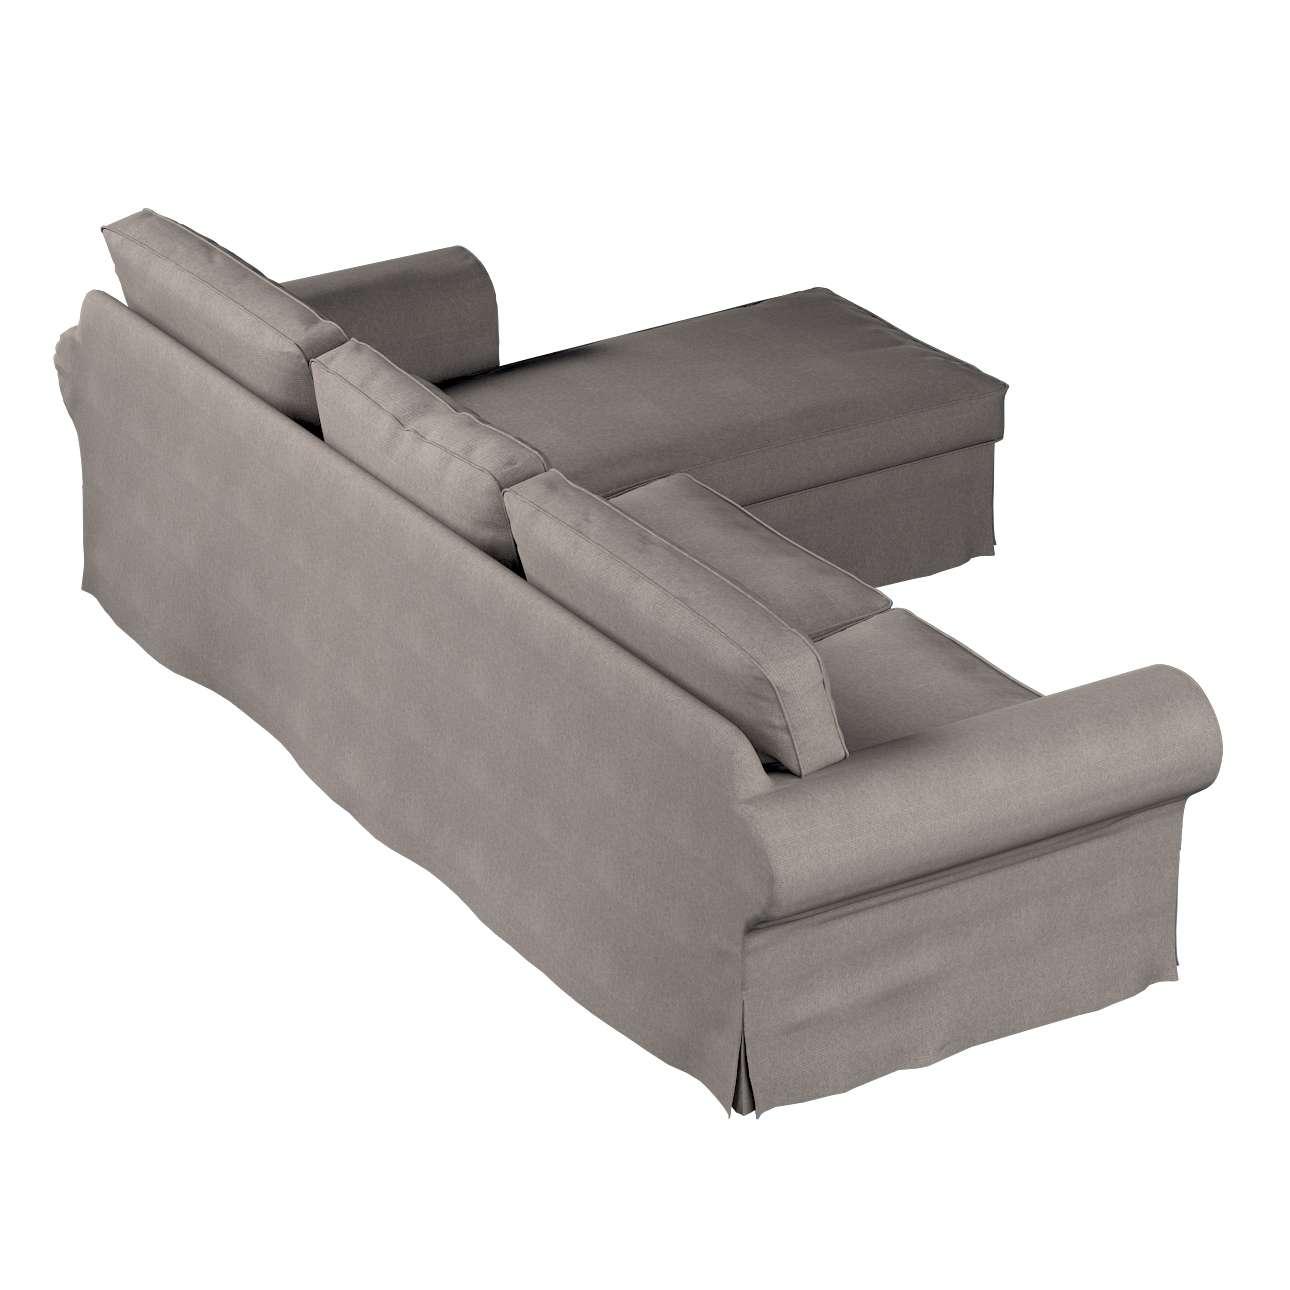 Pokrowiec na sofę Ektorp 2-osobową i leżankę sofa ektorp 2-os. i leżanka w kolekcji Etna , tkanina: 705-09